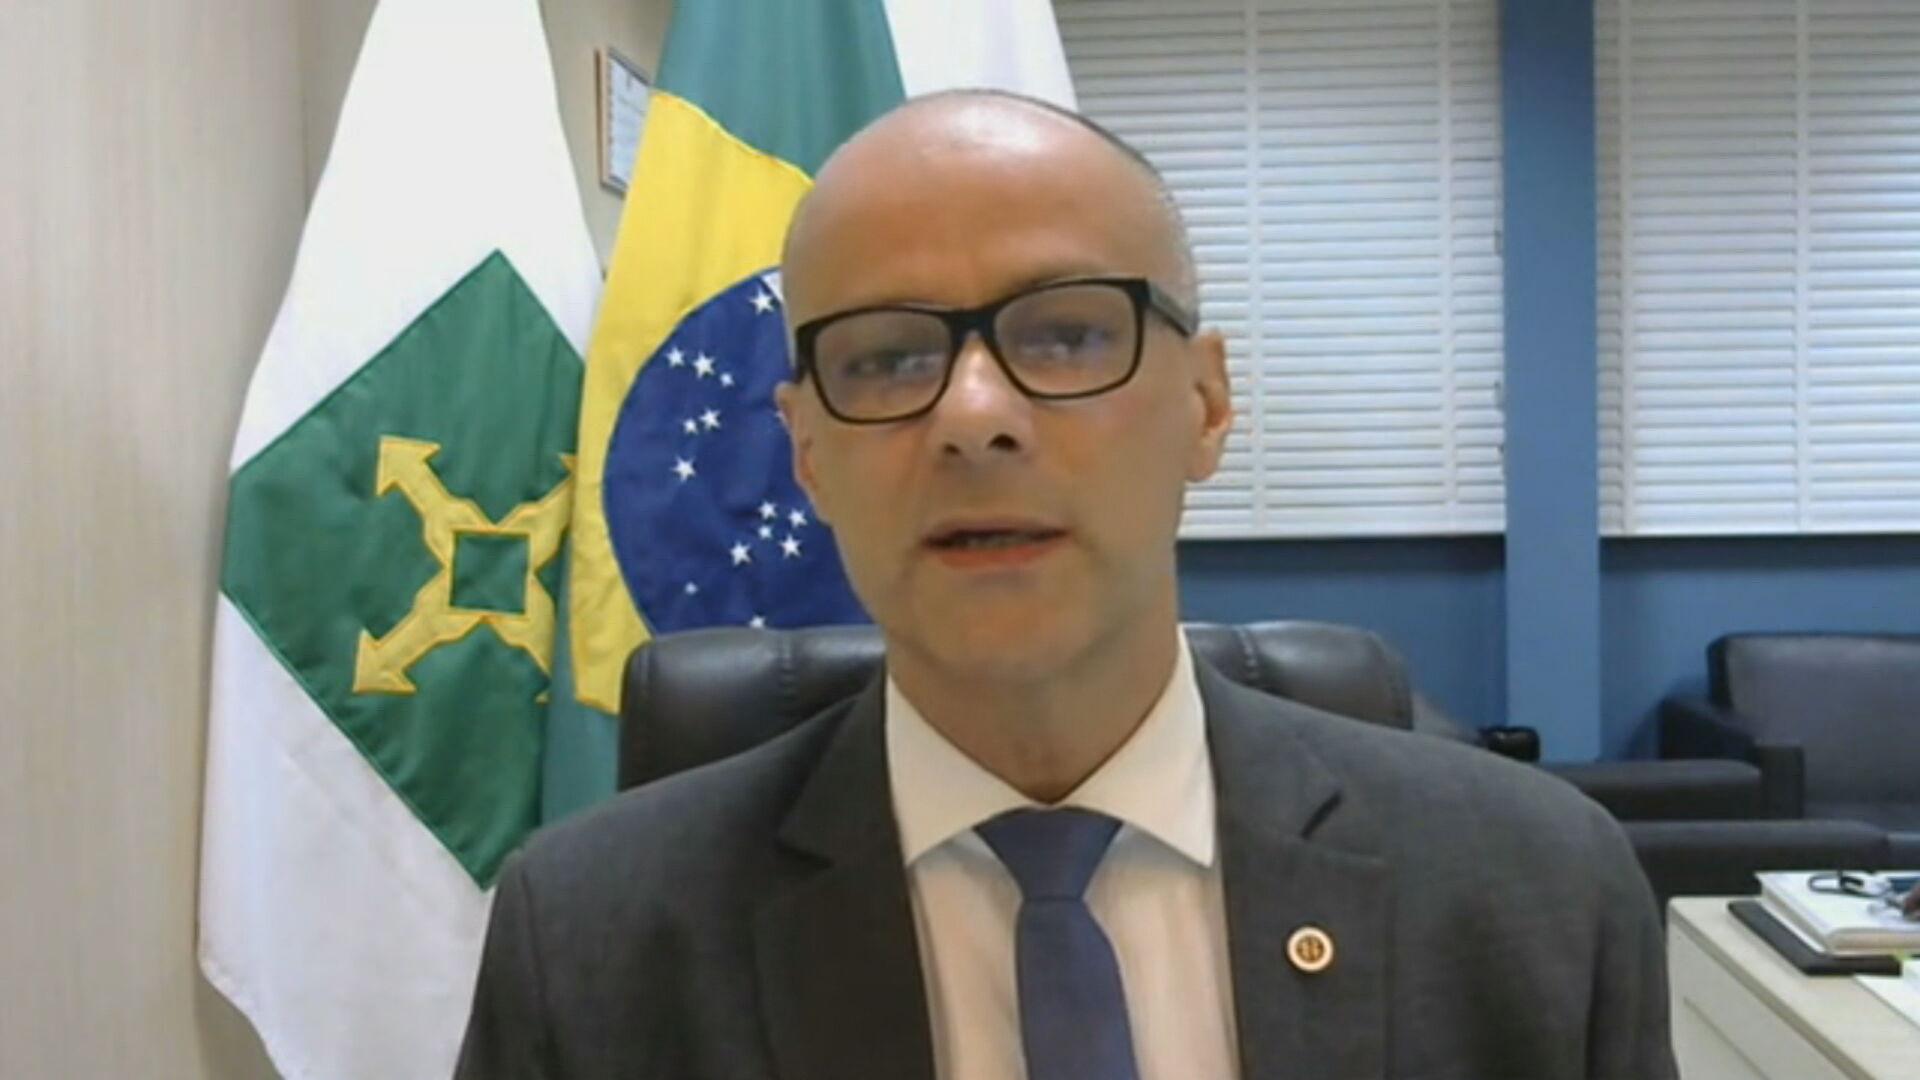 Diretor-presidente da Anvisa, Antônio Barra Torres, em entrevista para a CNN (22